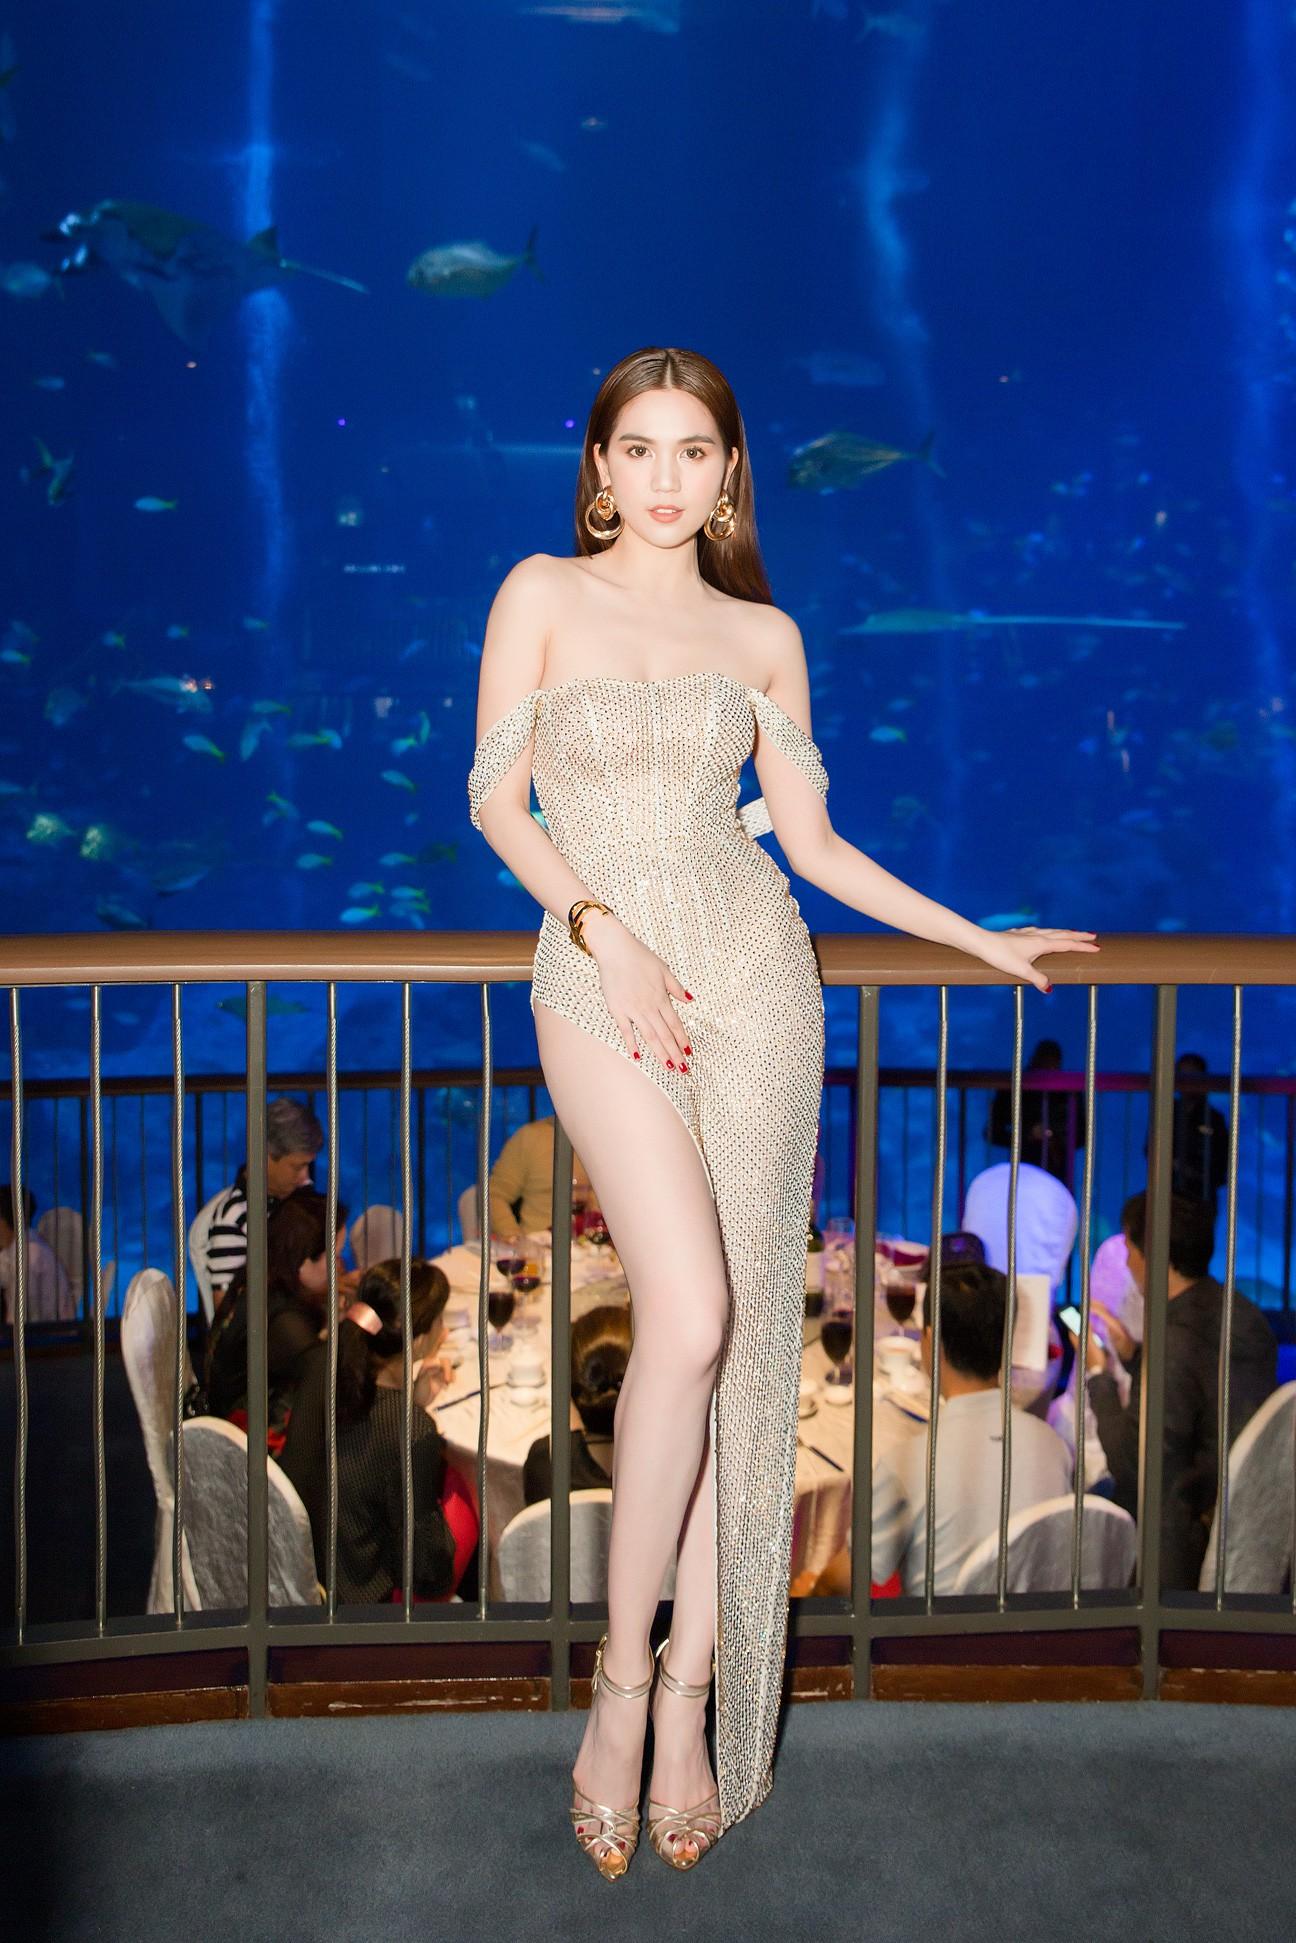 Ngọc Trinh diện váy hở bạo khoe chân dài miên man, chặt đẹp hội chị em tại sự kiện - Ảnh 1.